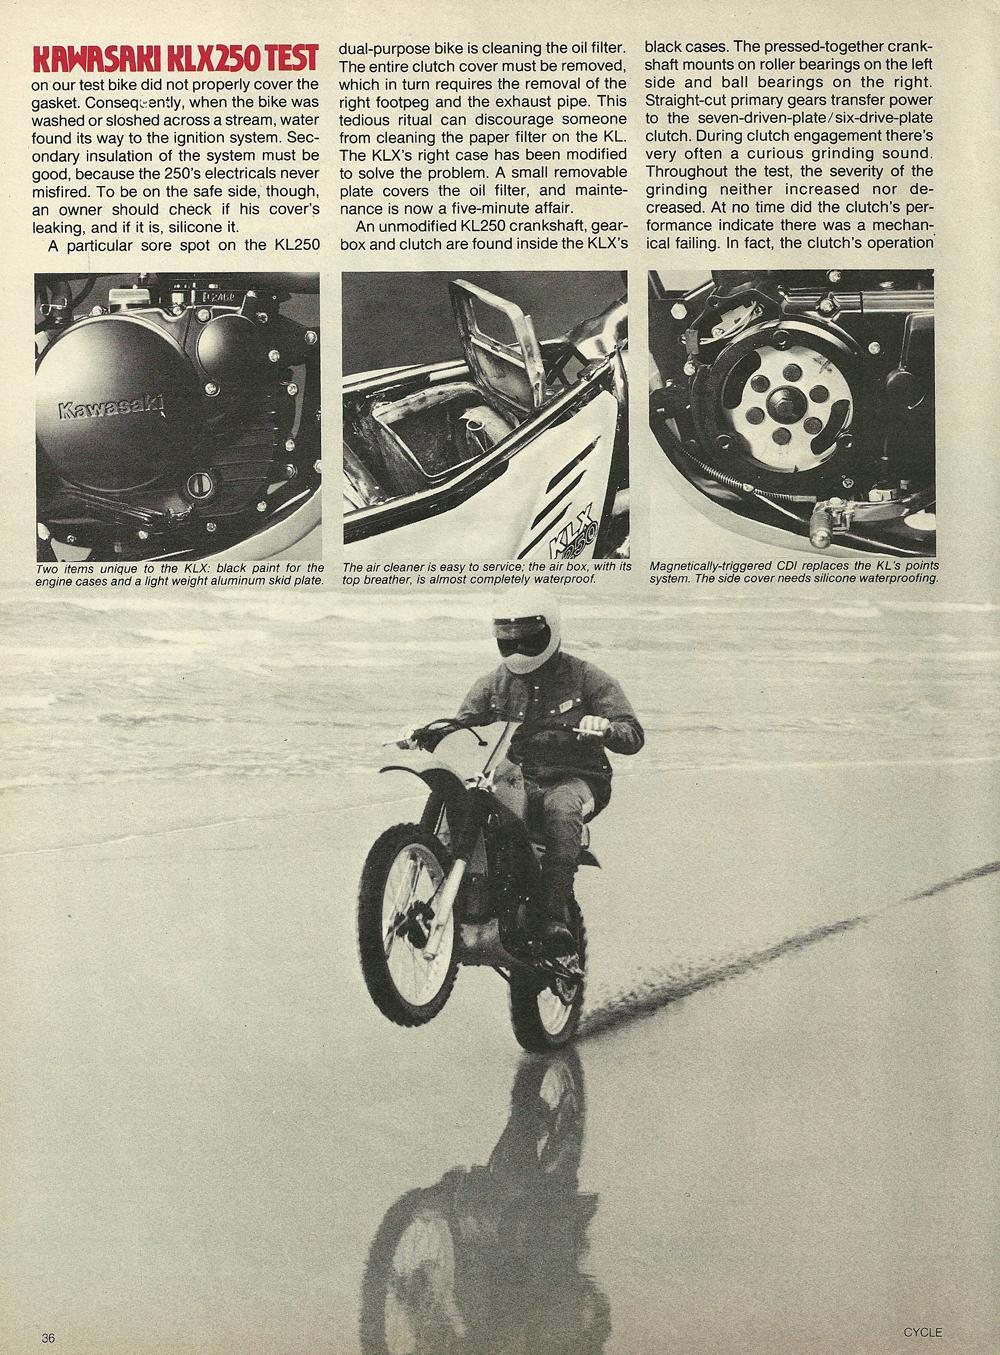 1979 Kawasaki KLX250 off road test 7.jpg